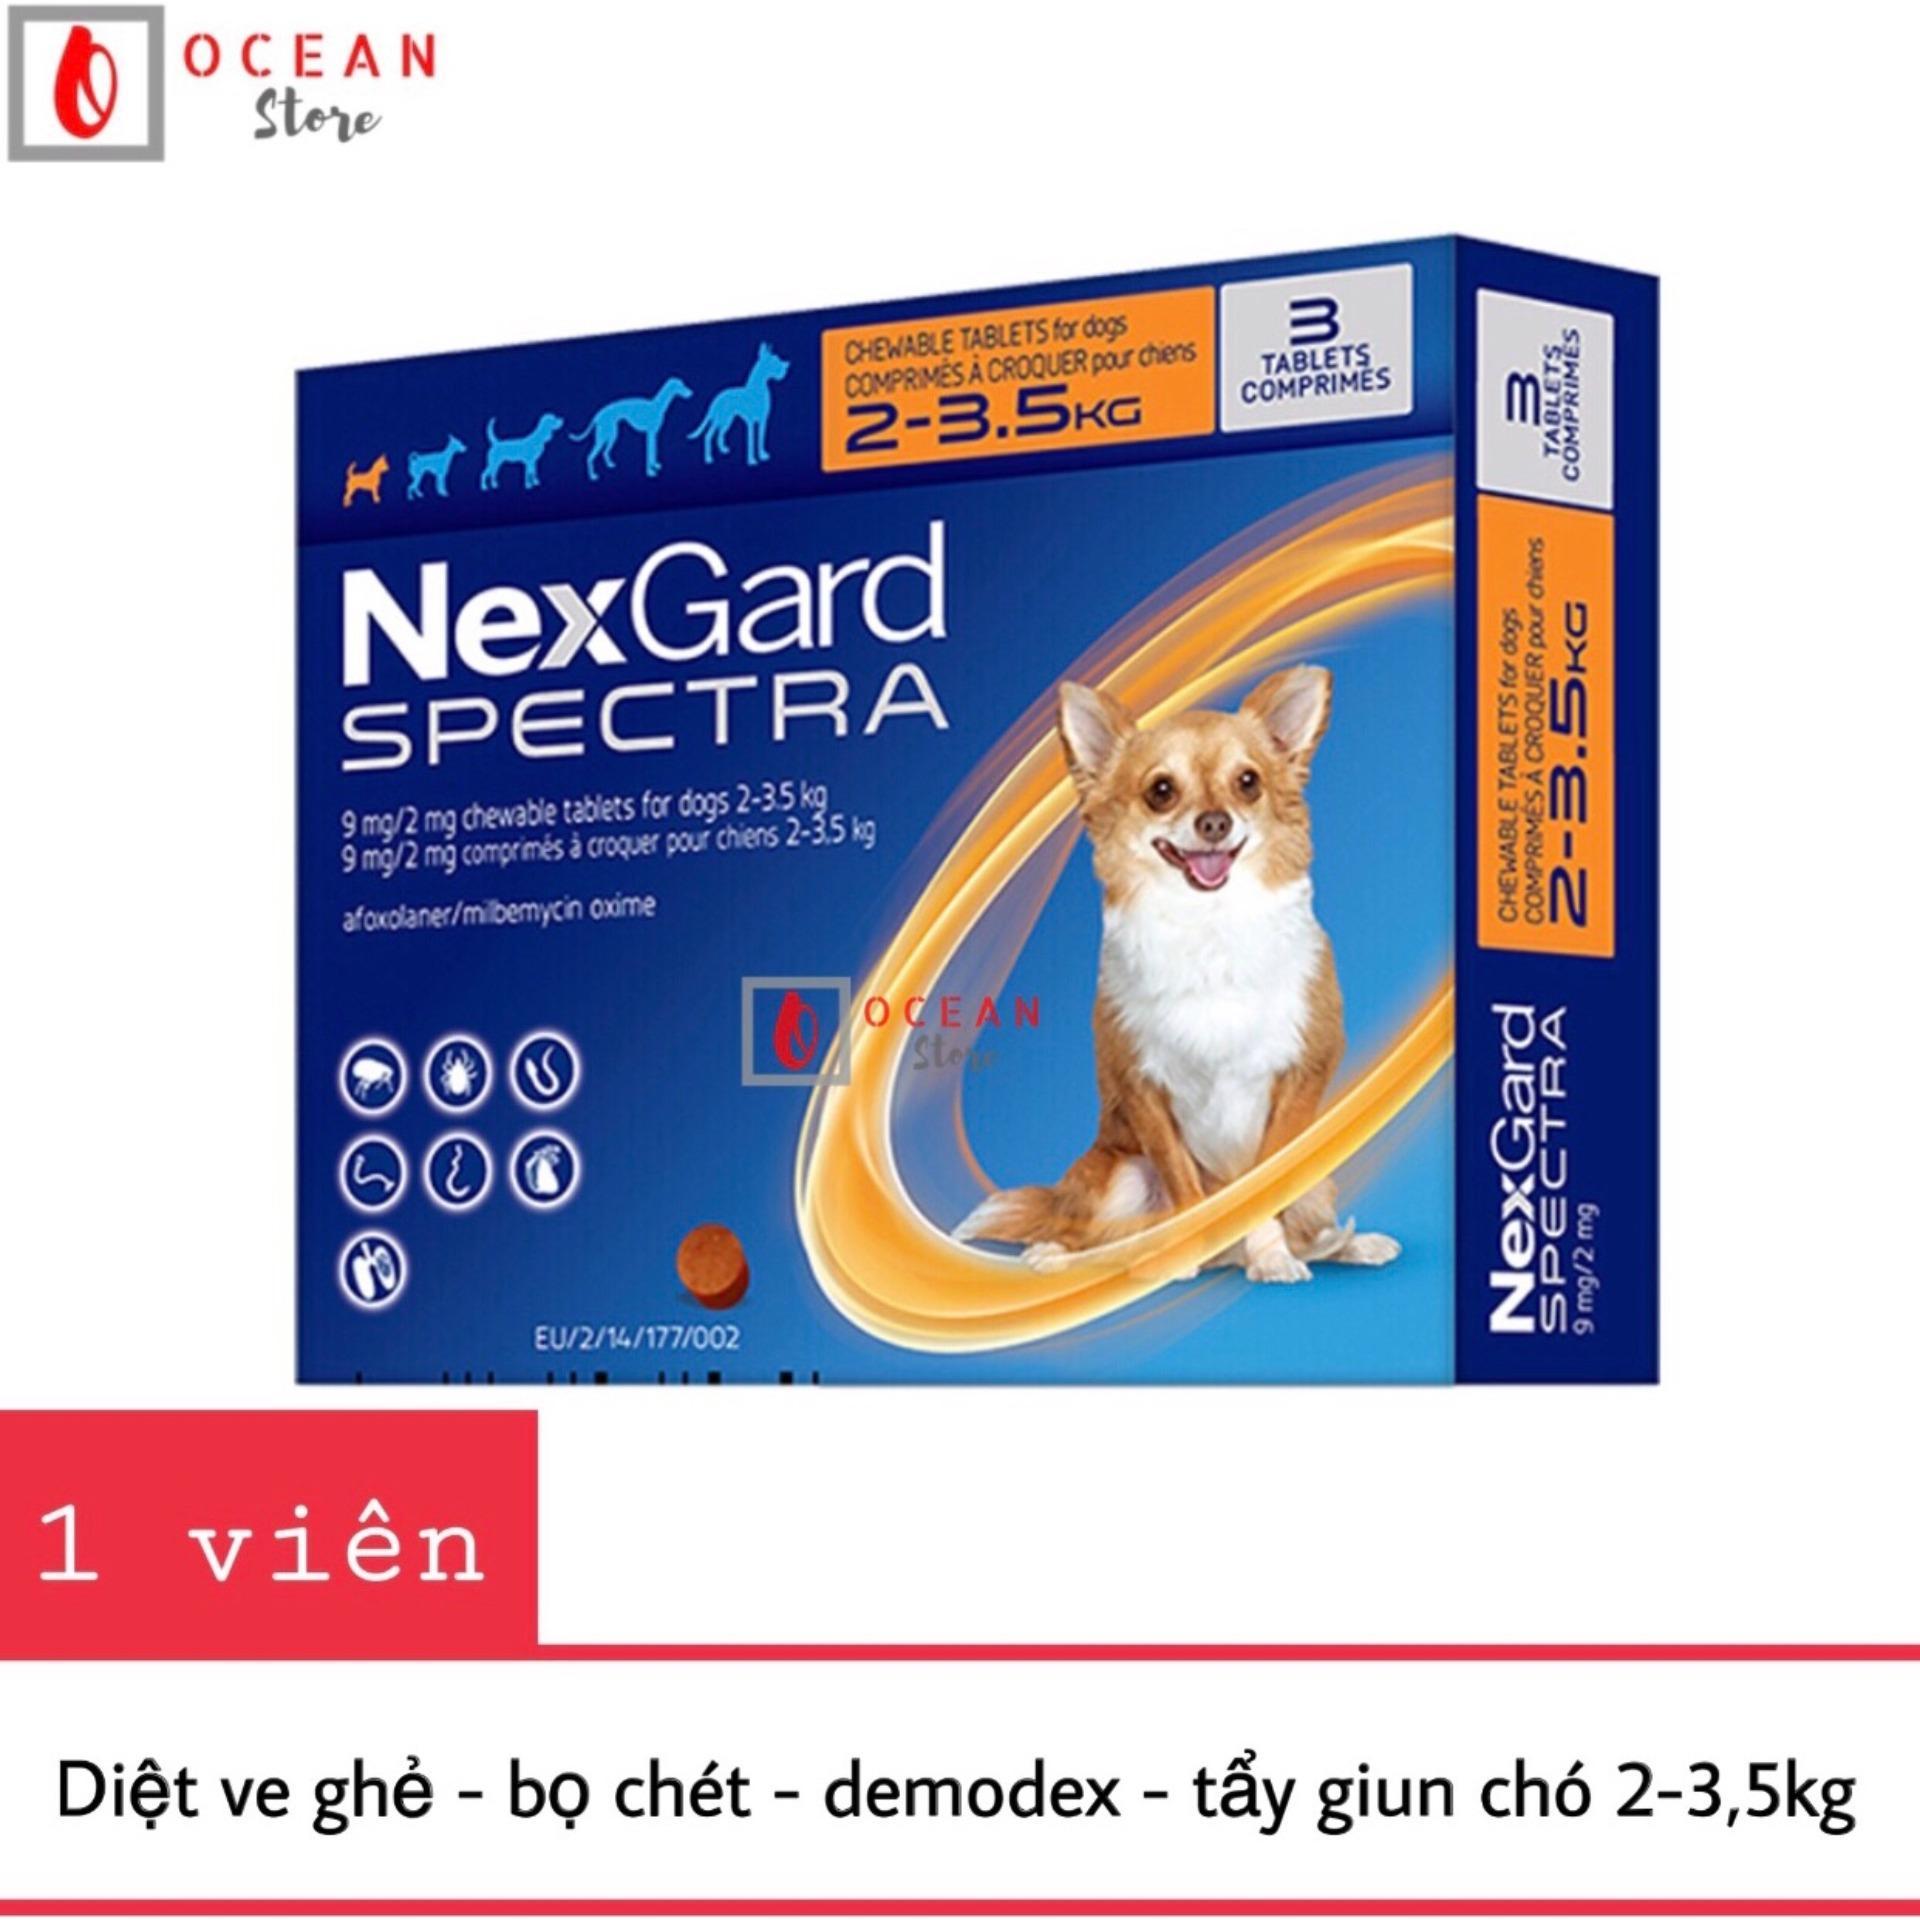 Thuốc trị ve ghẻ, bọ chét, demodex, tẩy giun cho chó - 1 viên Nexgard Spectra cho chó 2-3,5kg (1 tablet 2-3,5kg - No Box) Nhật Bản